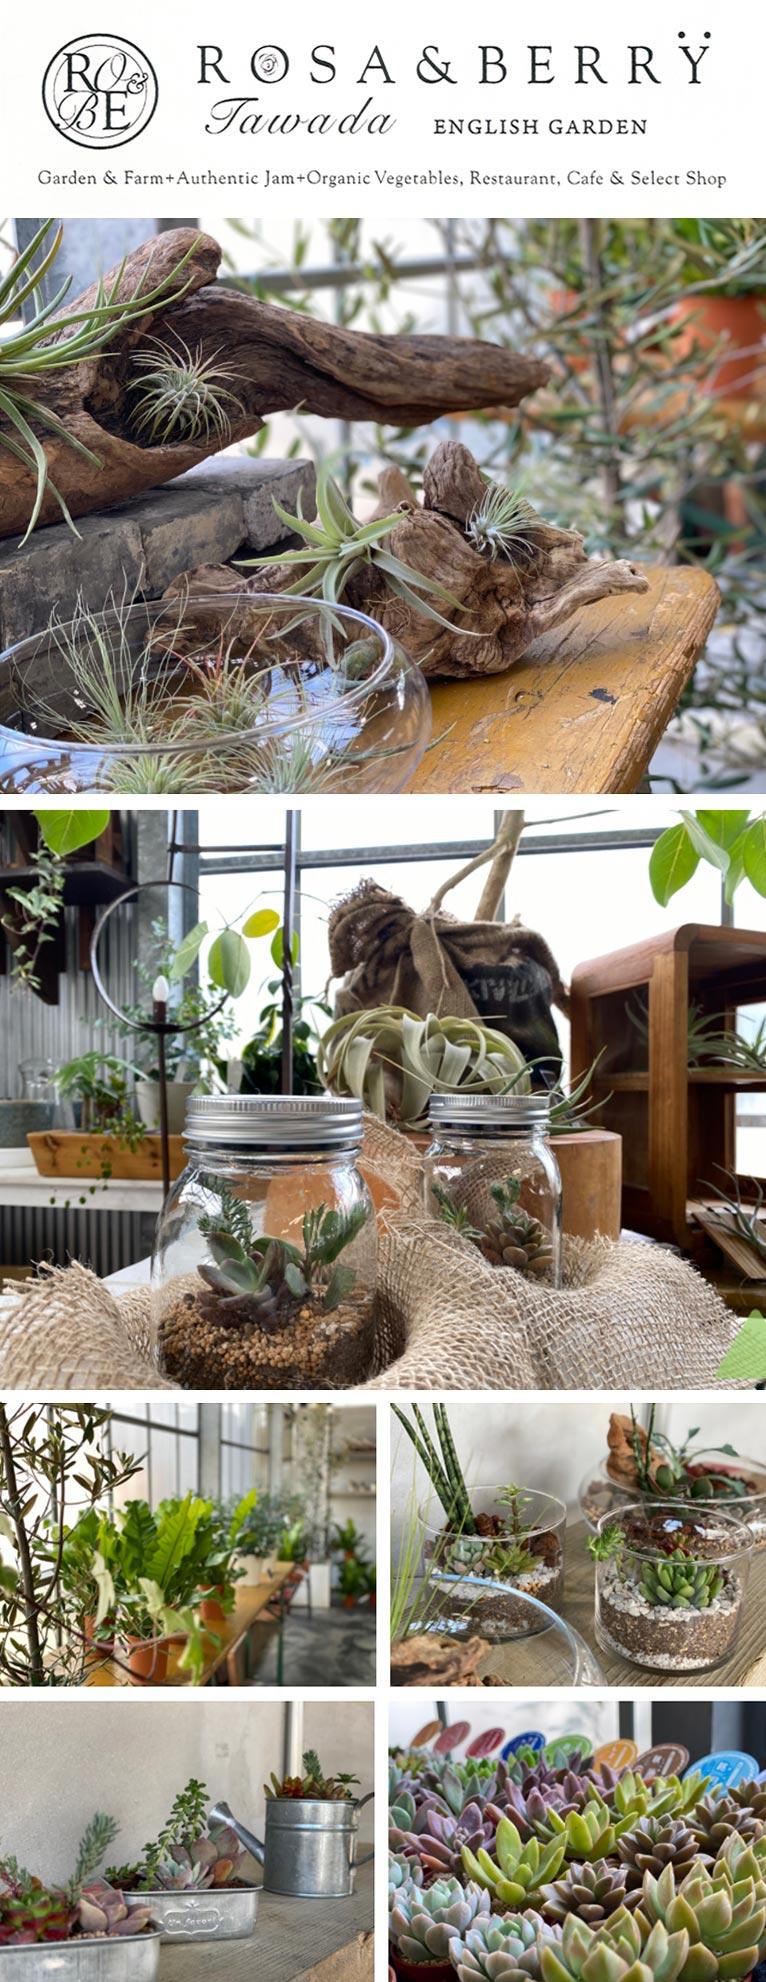 クラフト体験工房に観葉植物コーナーOPEN! ROSA & BERRY Tawada ローザンベリー多和田